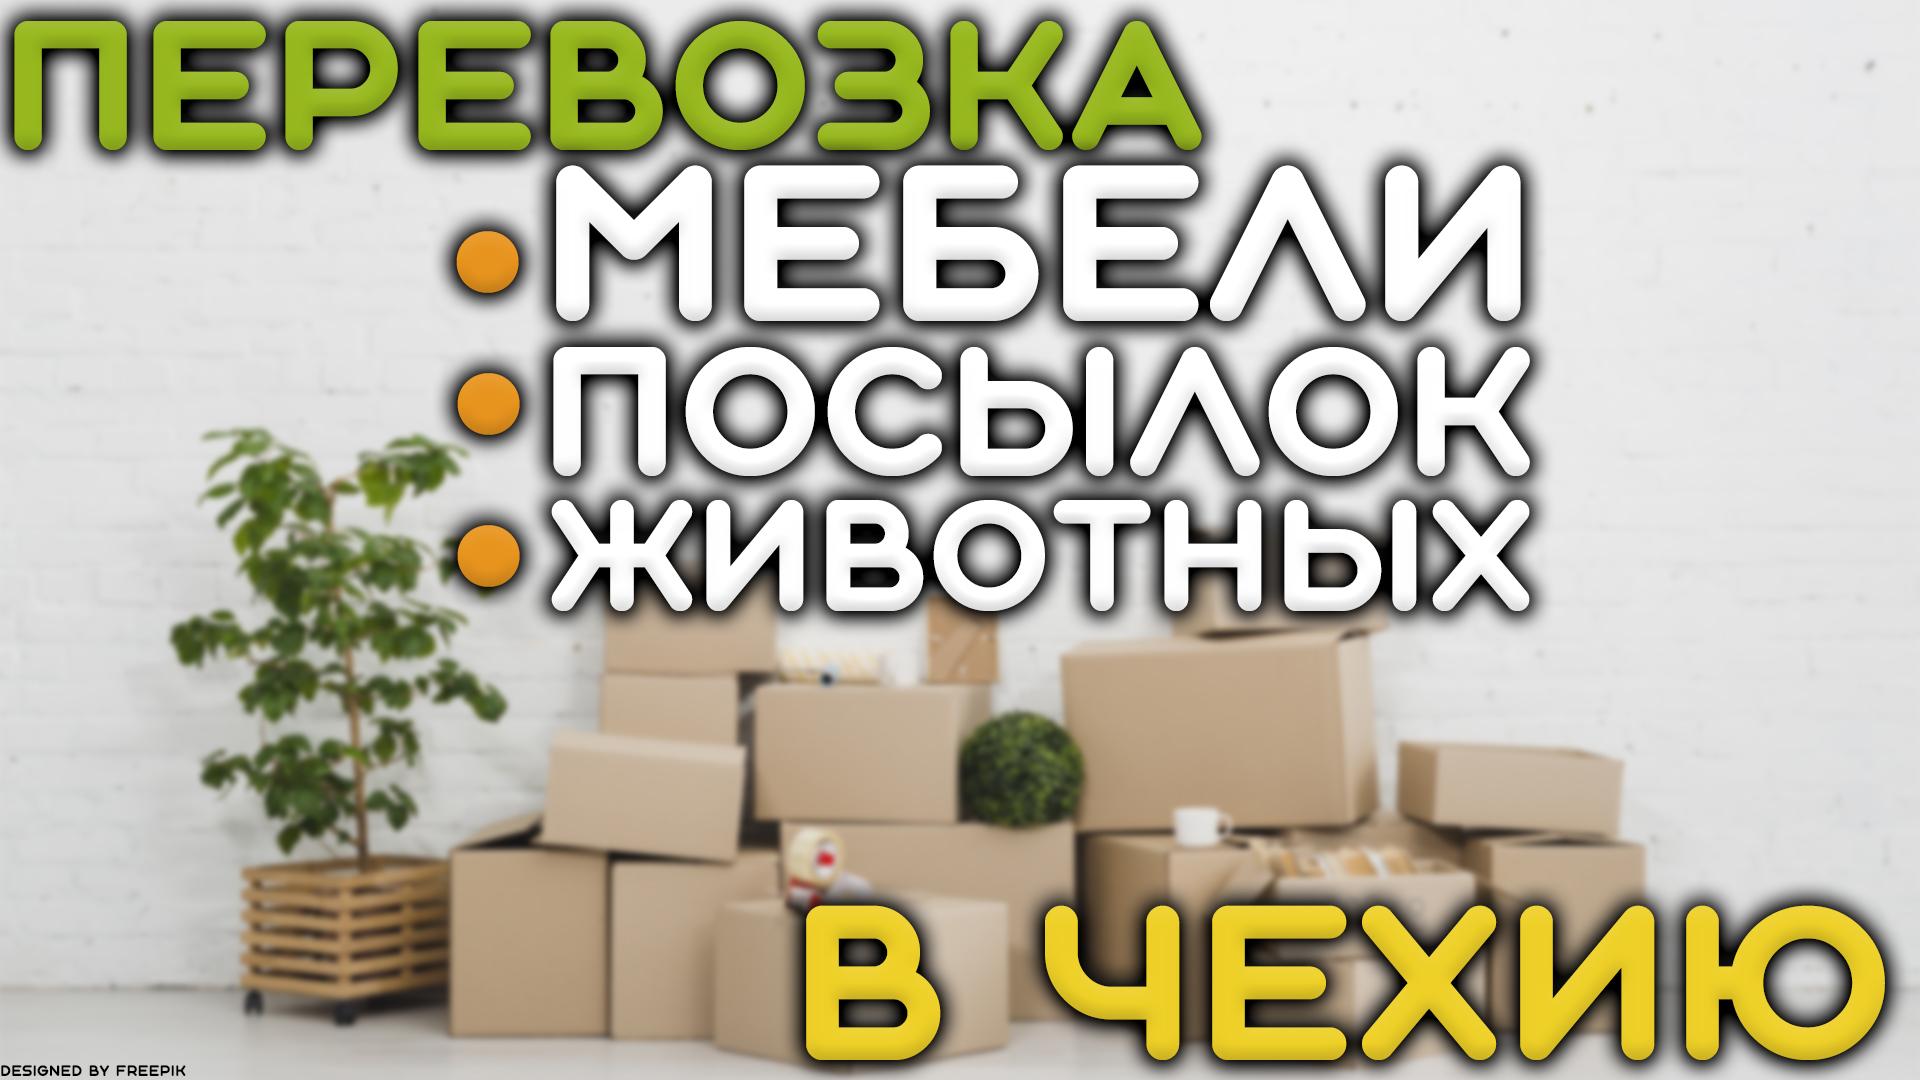 Перевозка мебели, документов, животных в Чехию